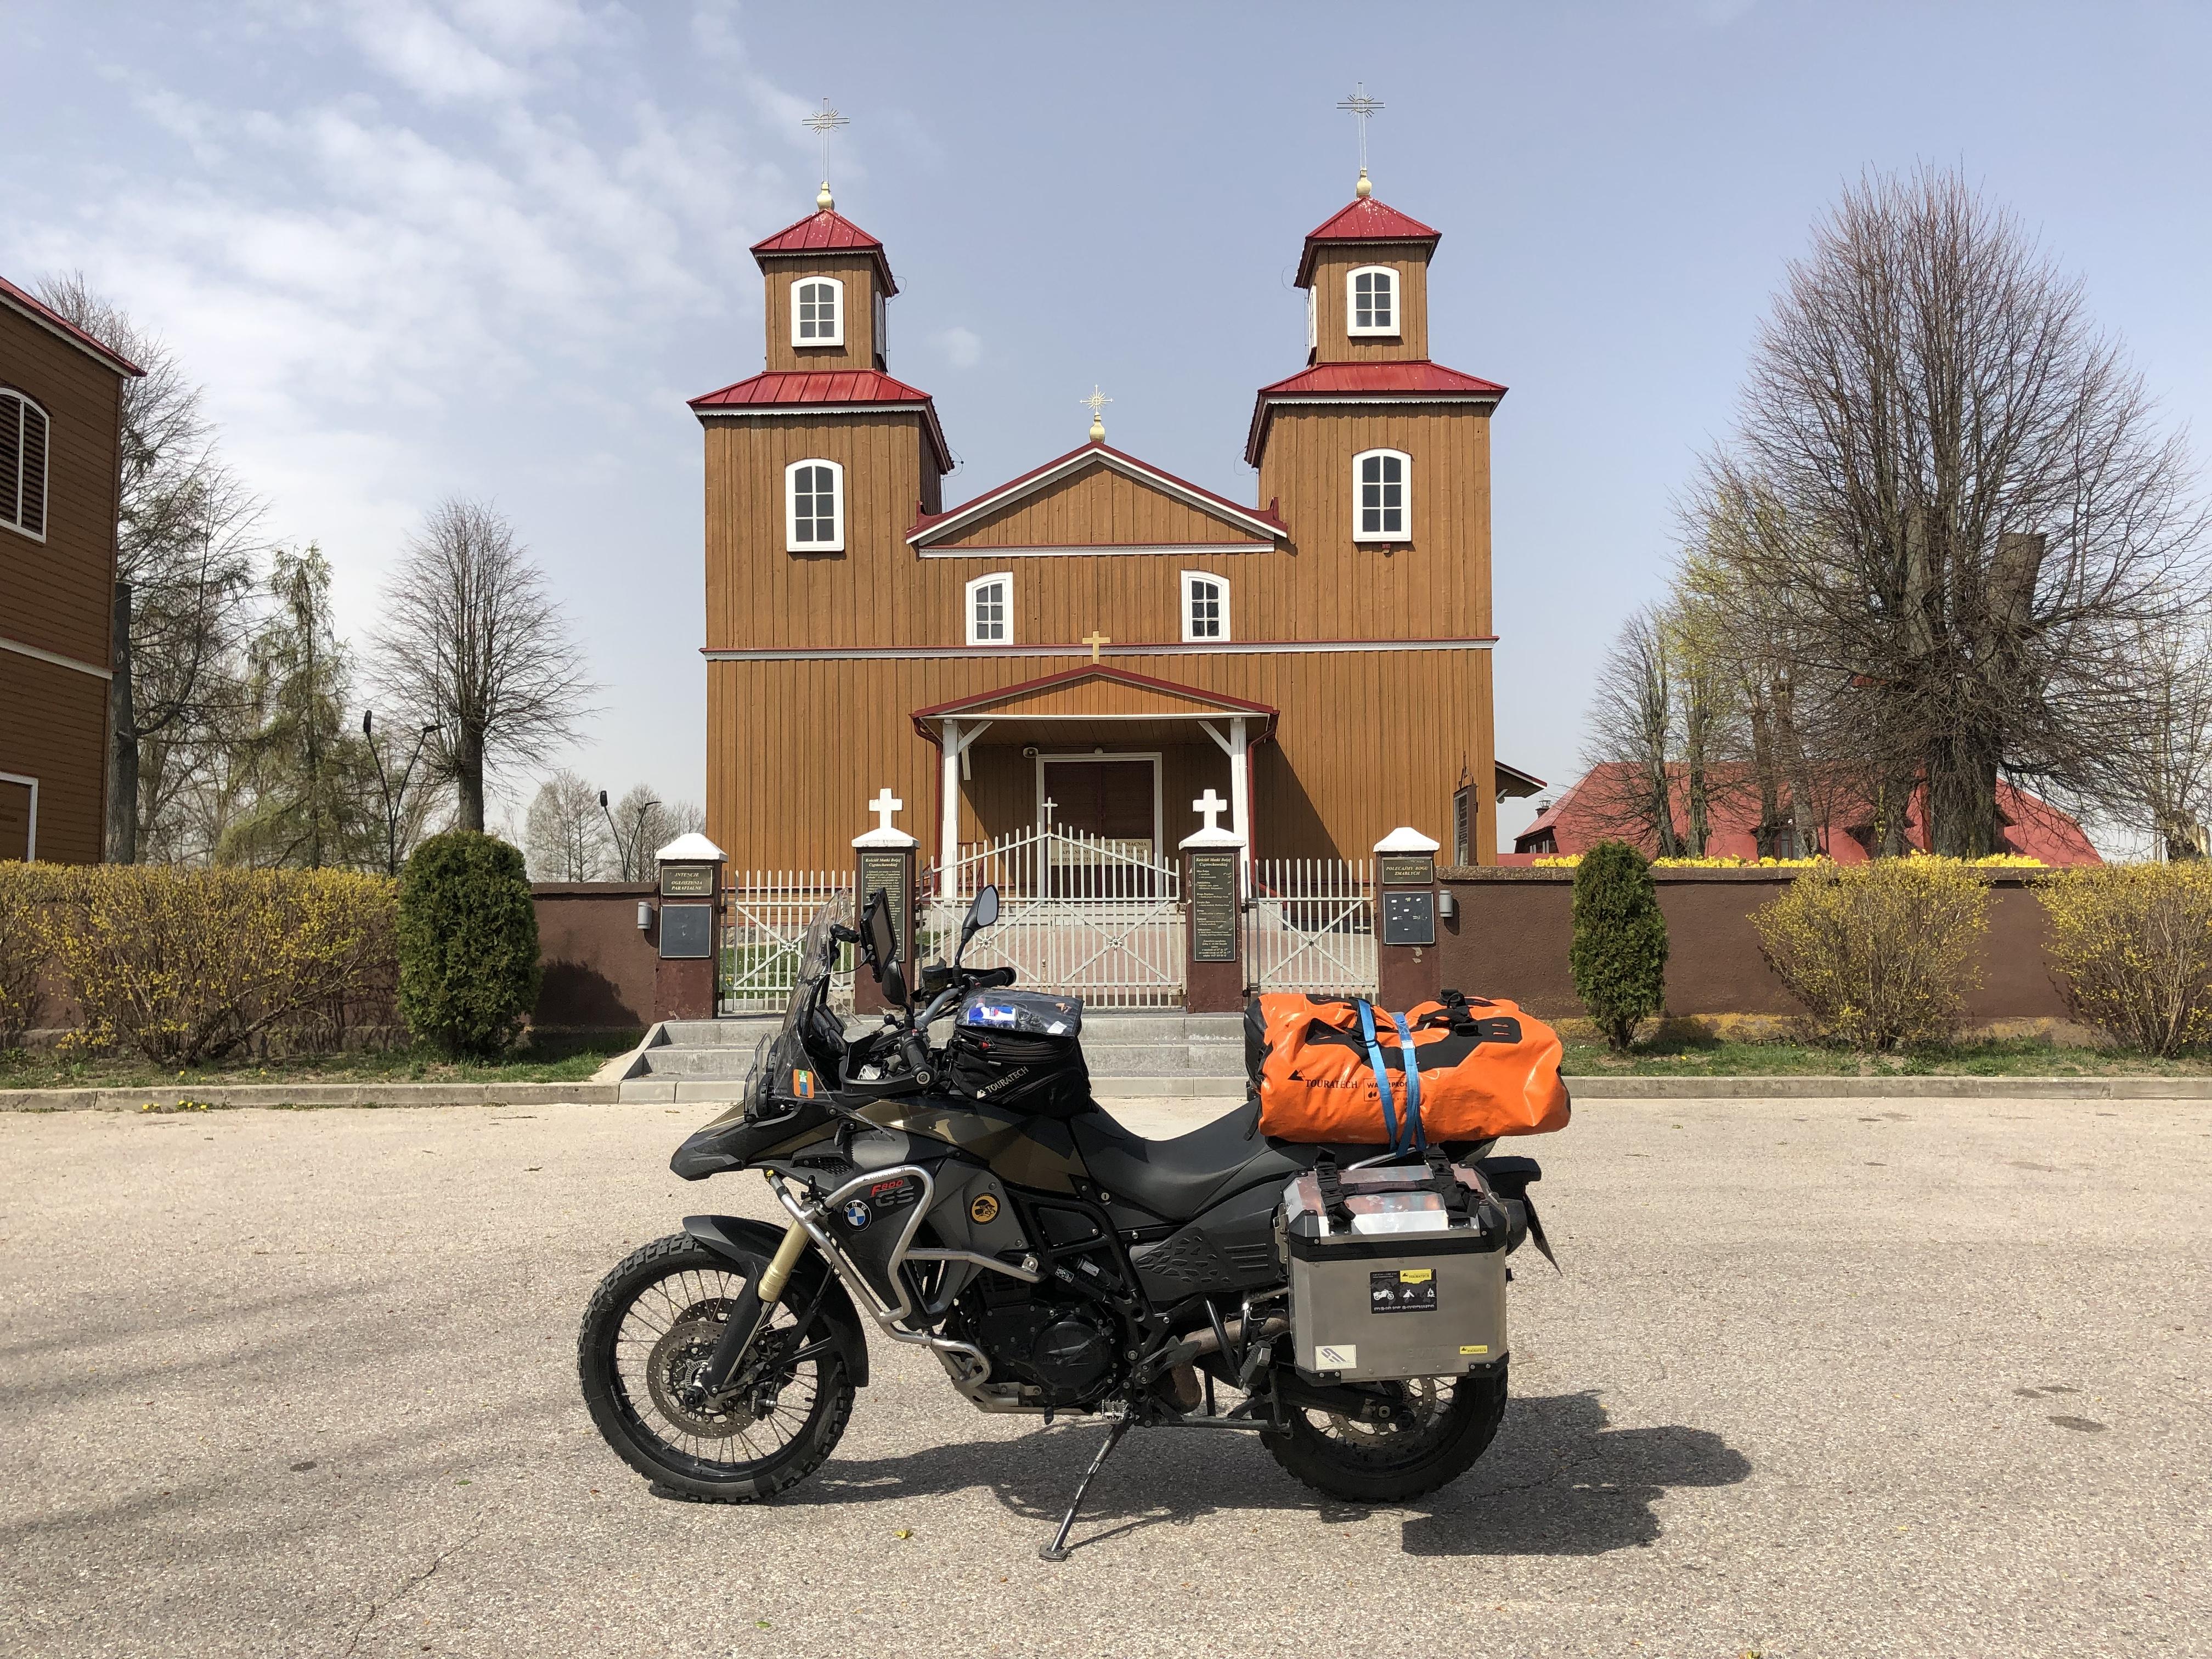 Schöne Kirchen in Polen